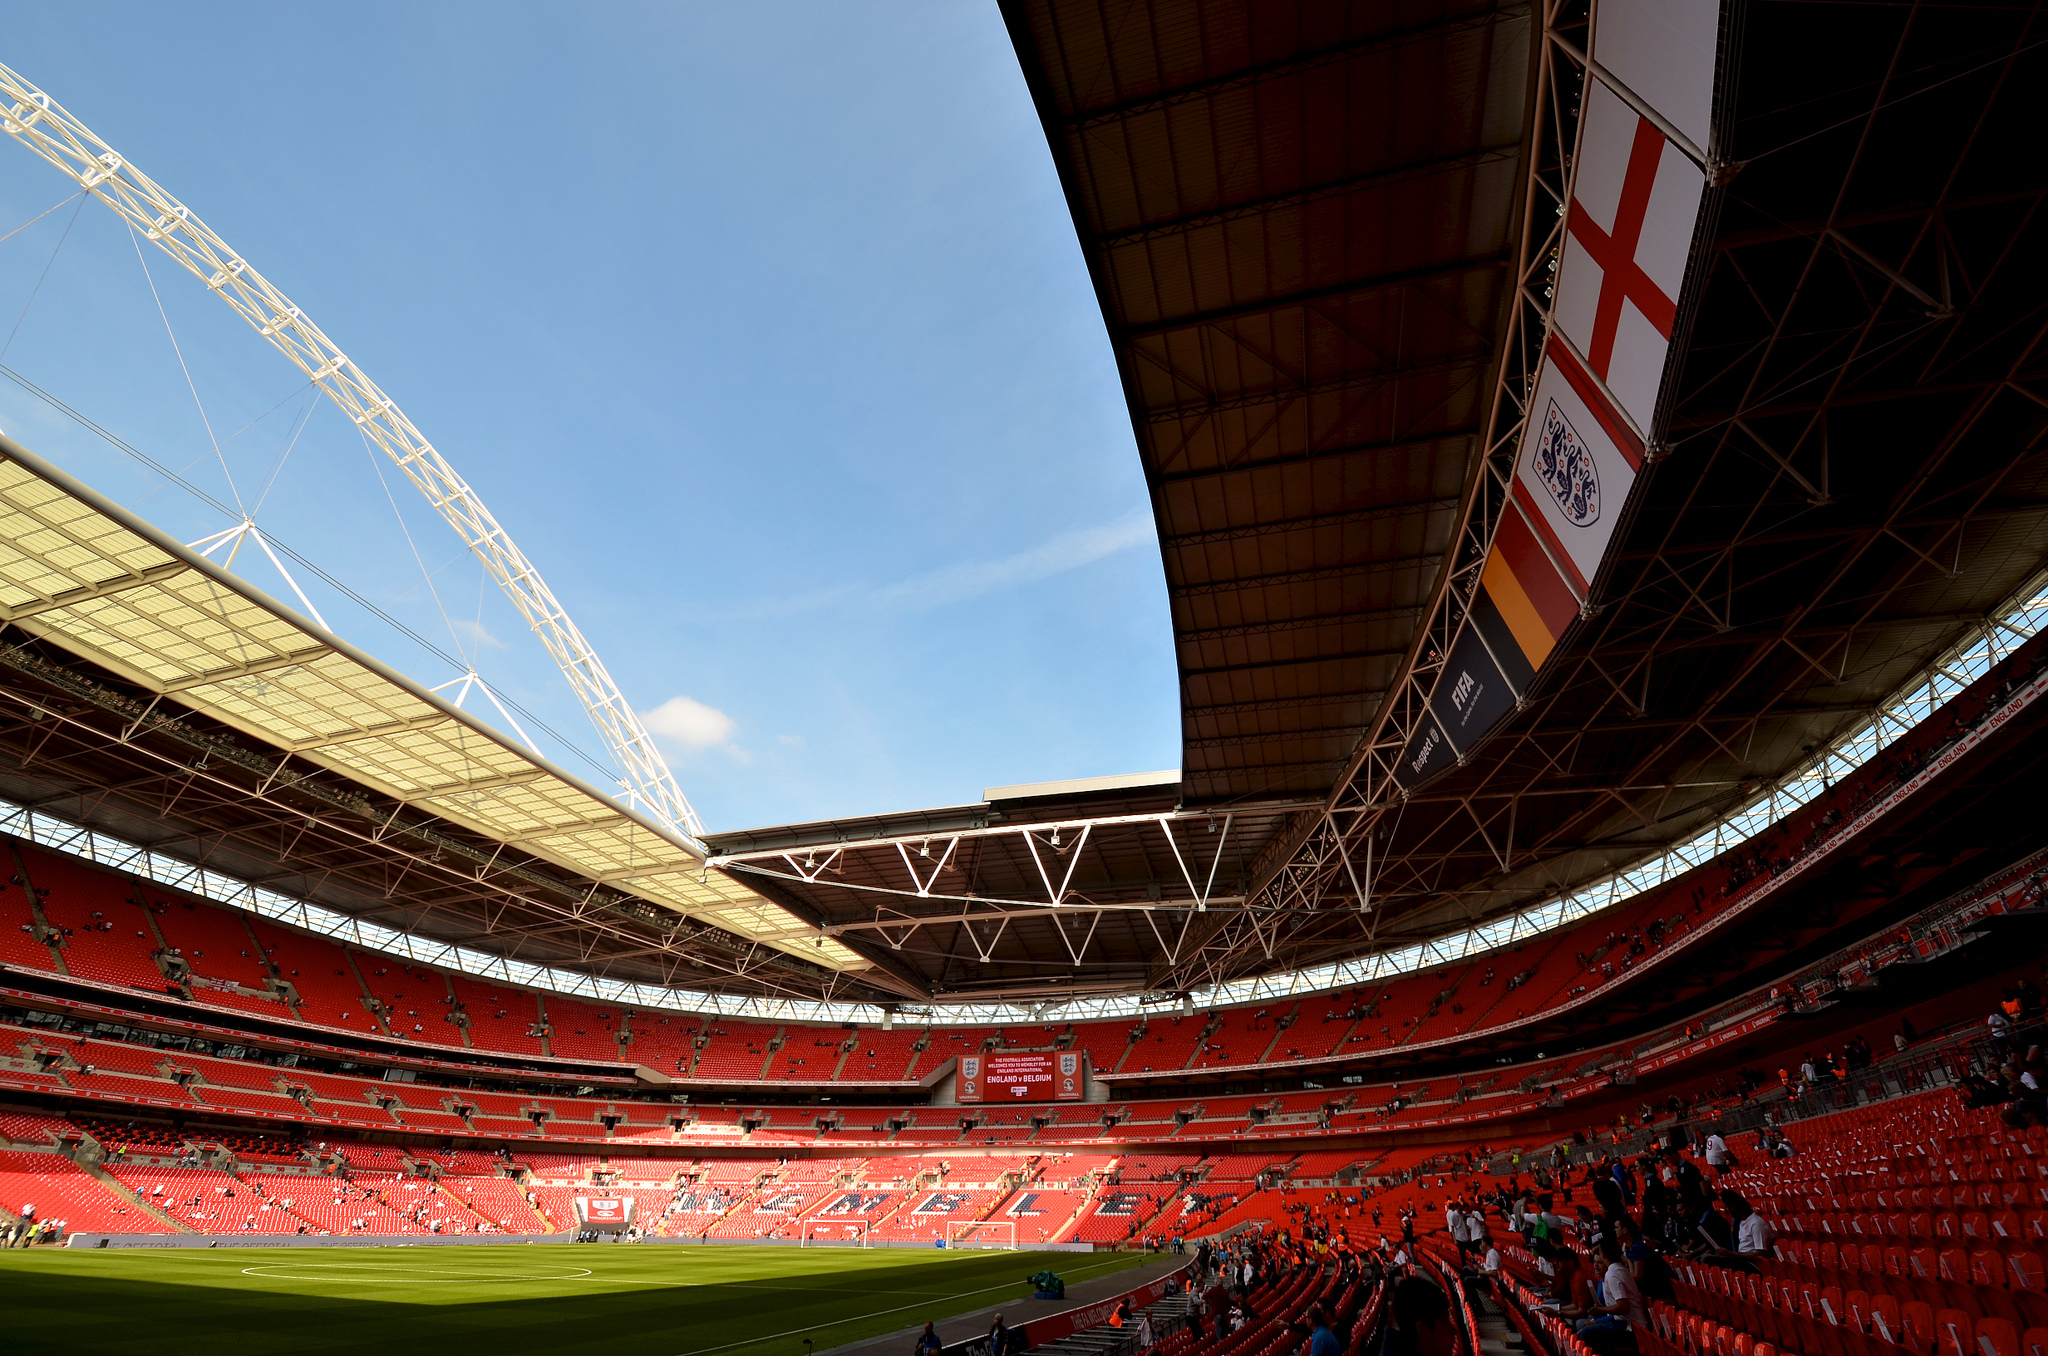 Внутри стадиона Уэмбли, Лондон